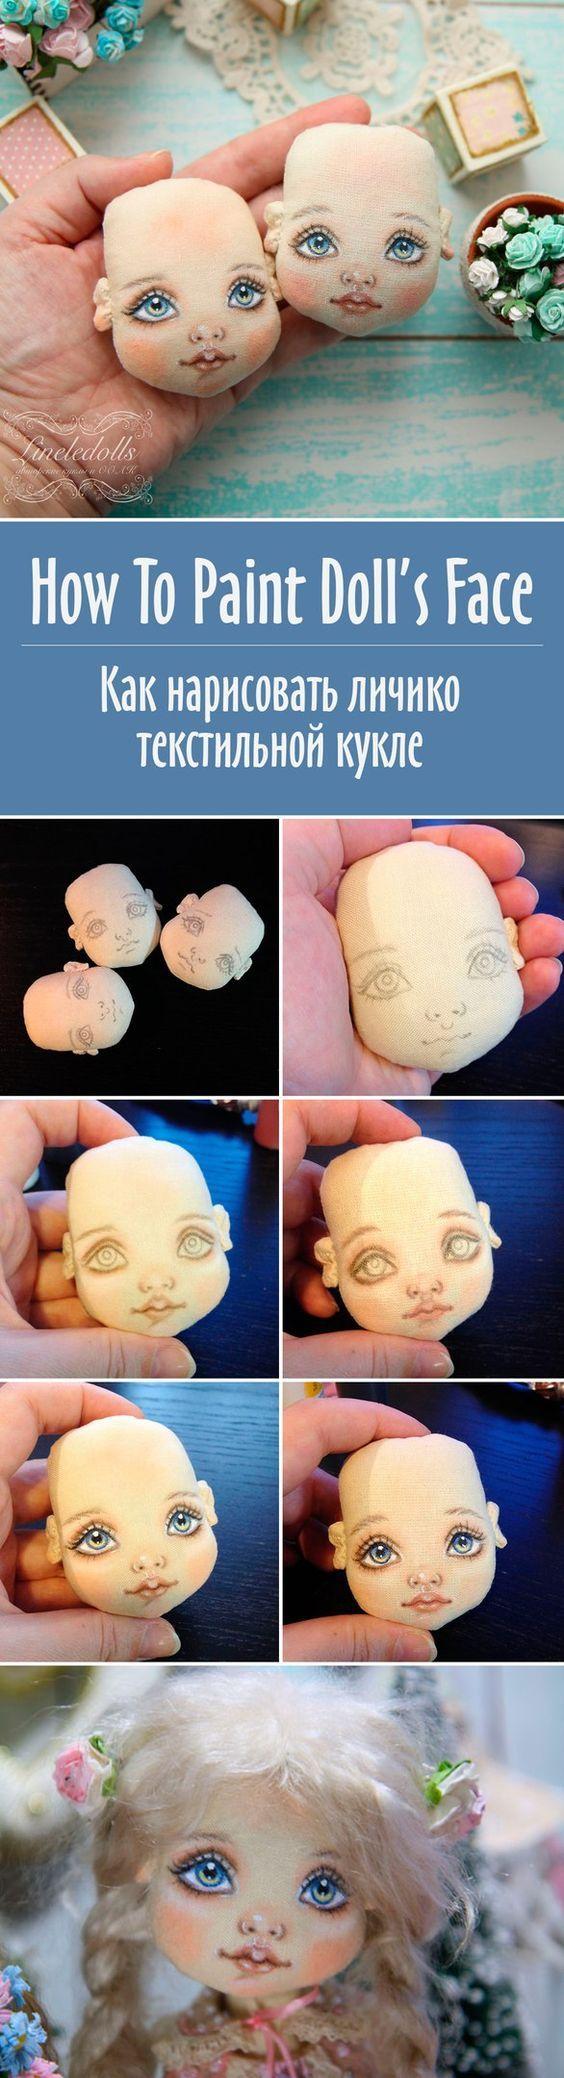 How To Paint Doll's Face   Как нарисовать личико текстильной кукле